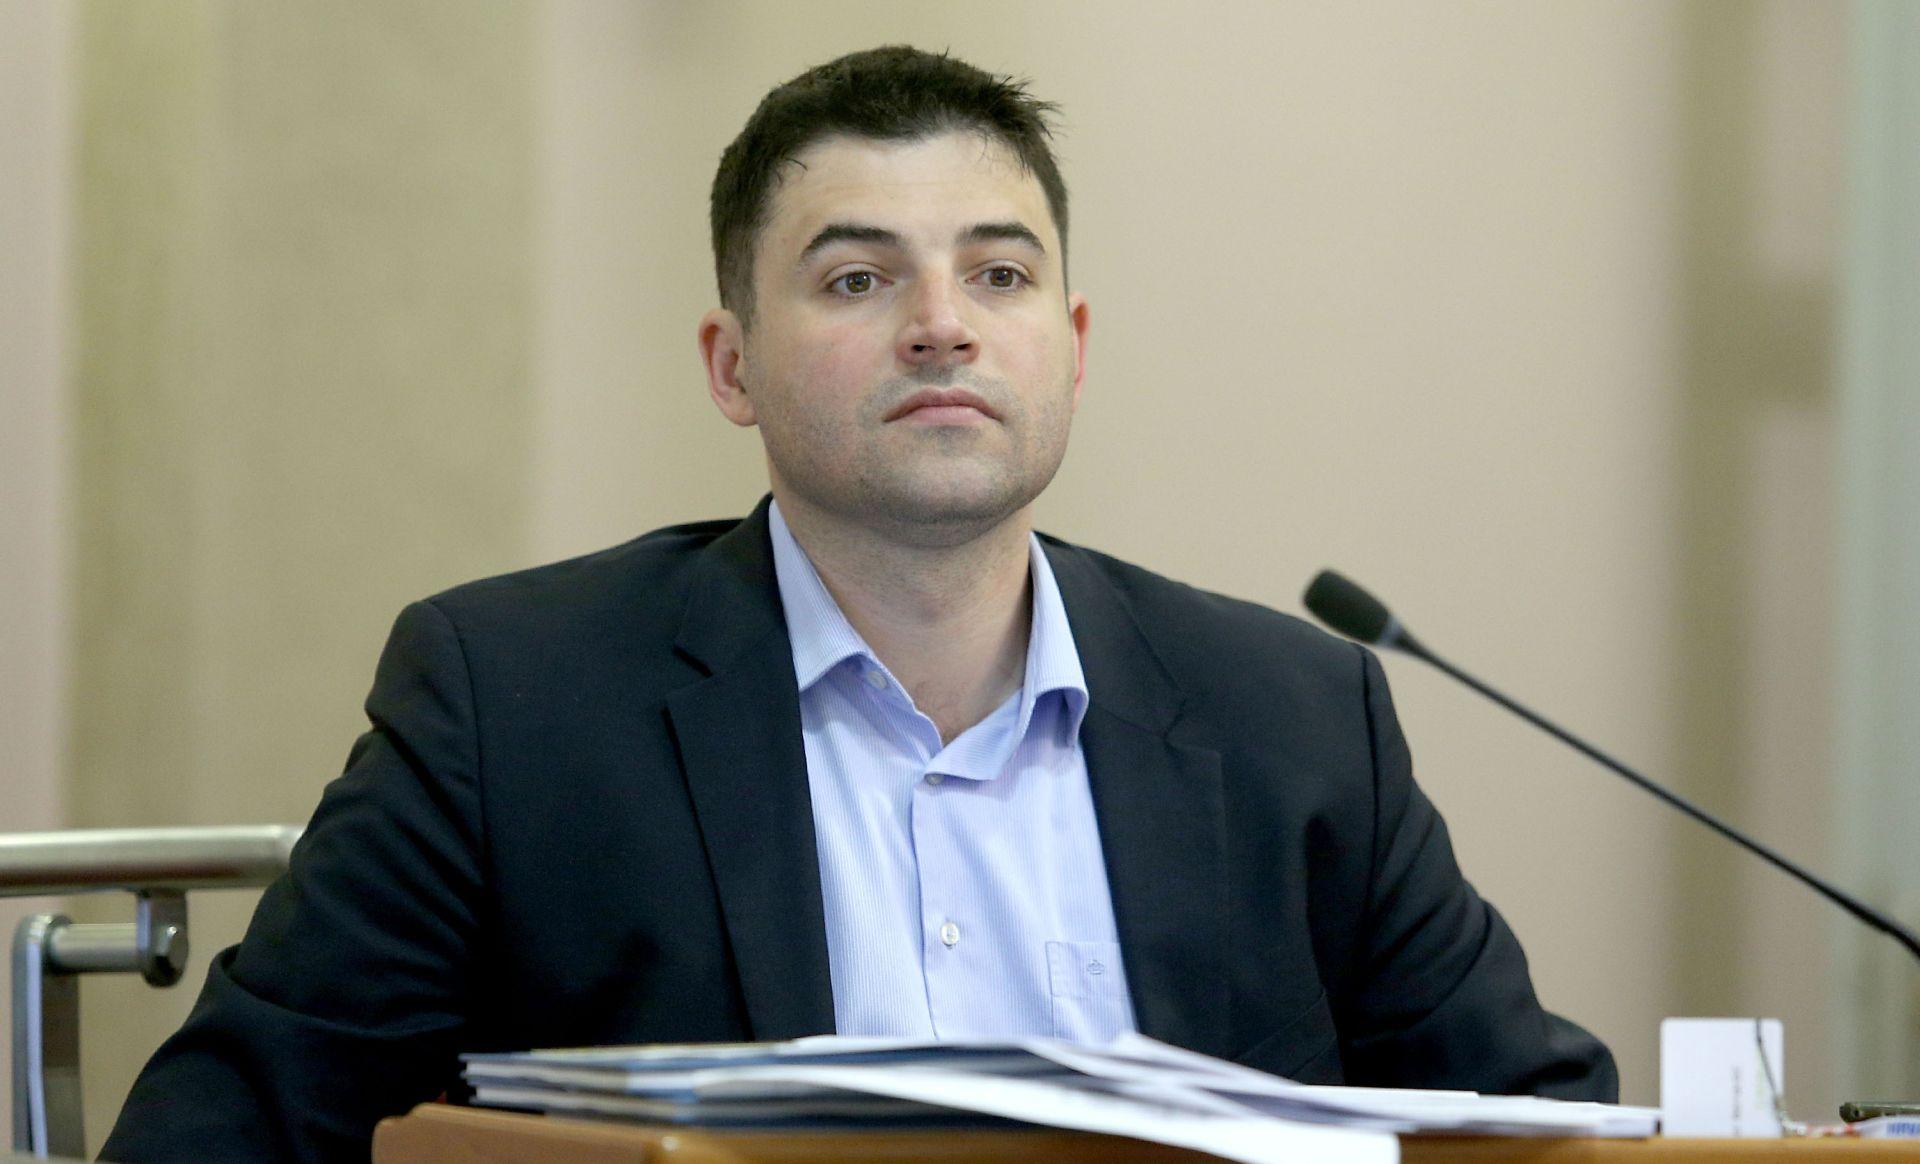 Bernardić: Preslagivanja moguća, ali jedino su novi izbori fer prema građanima